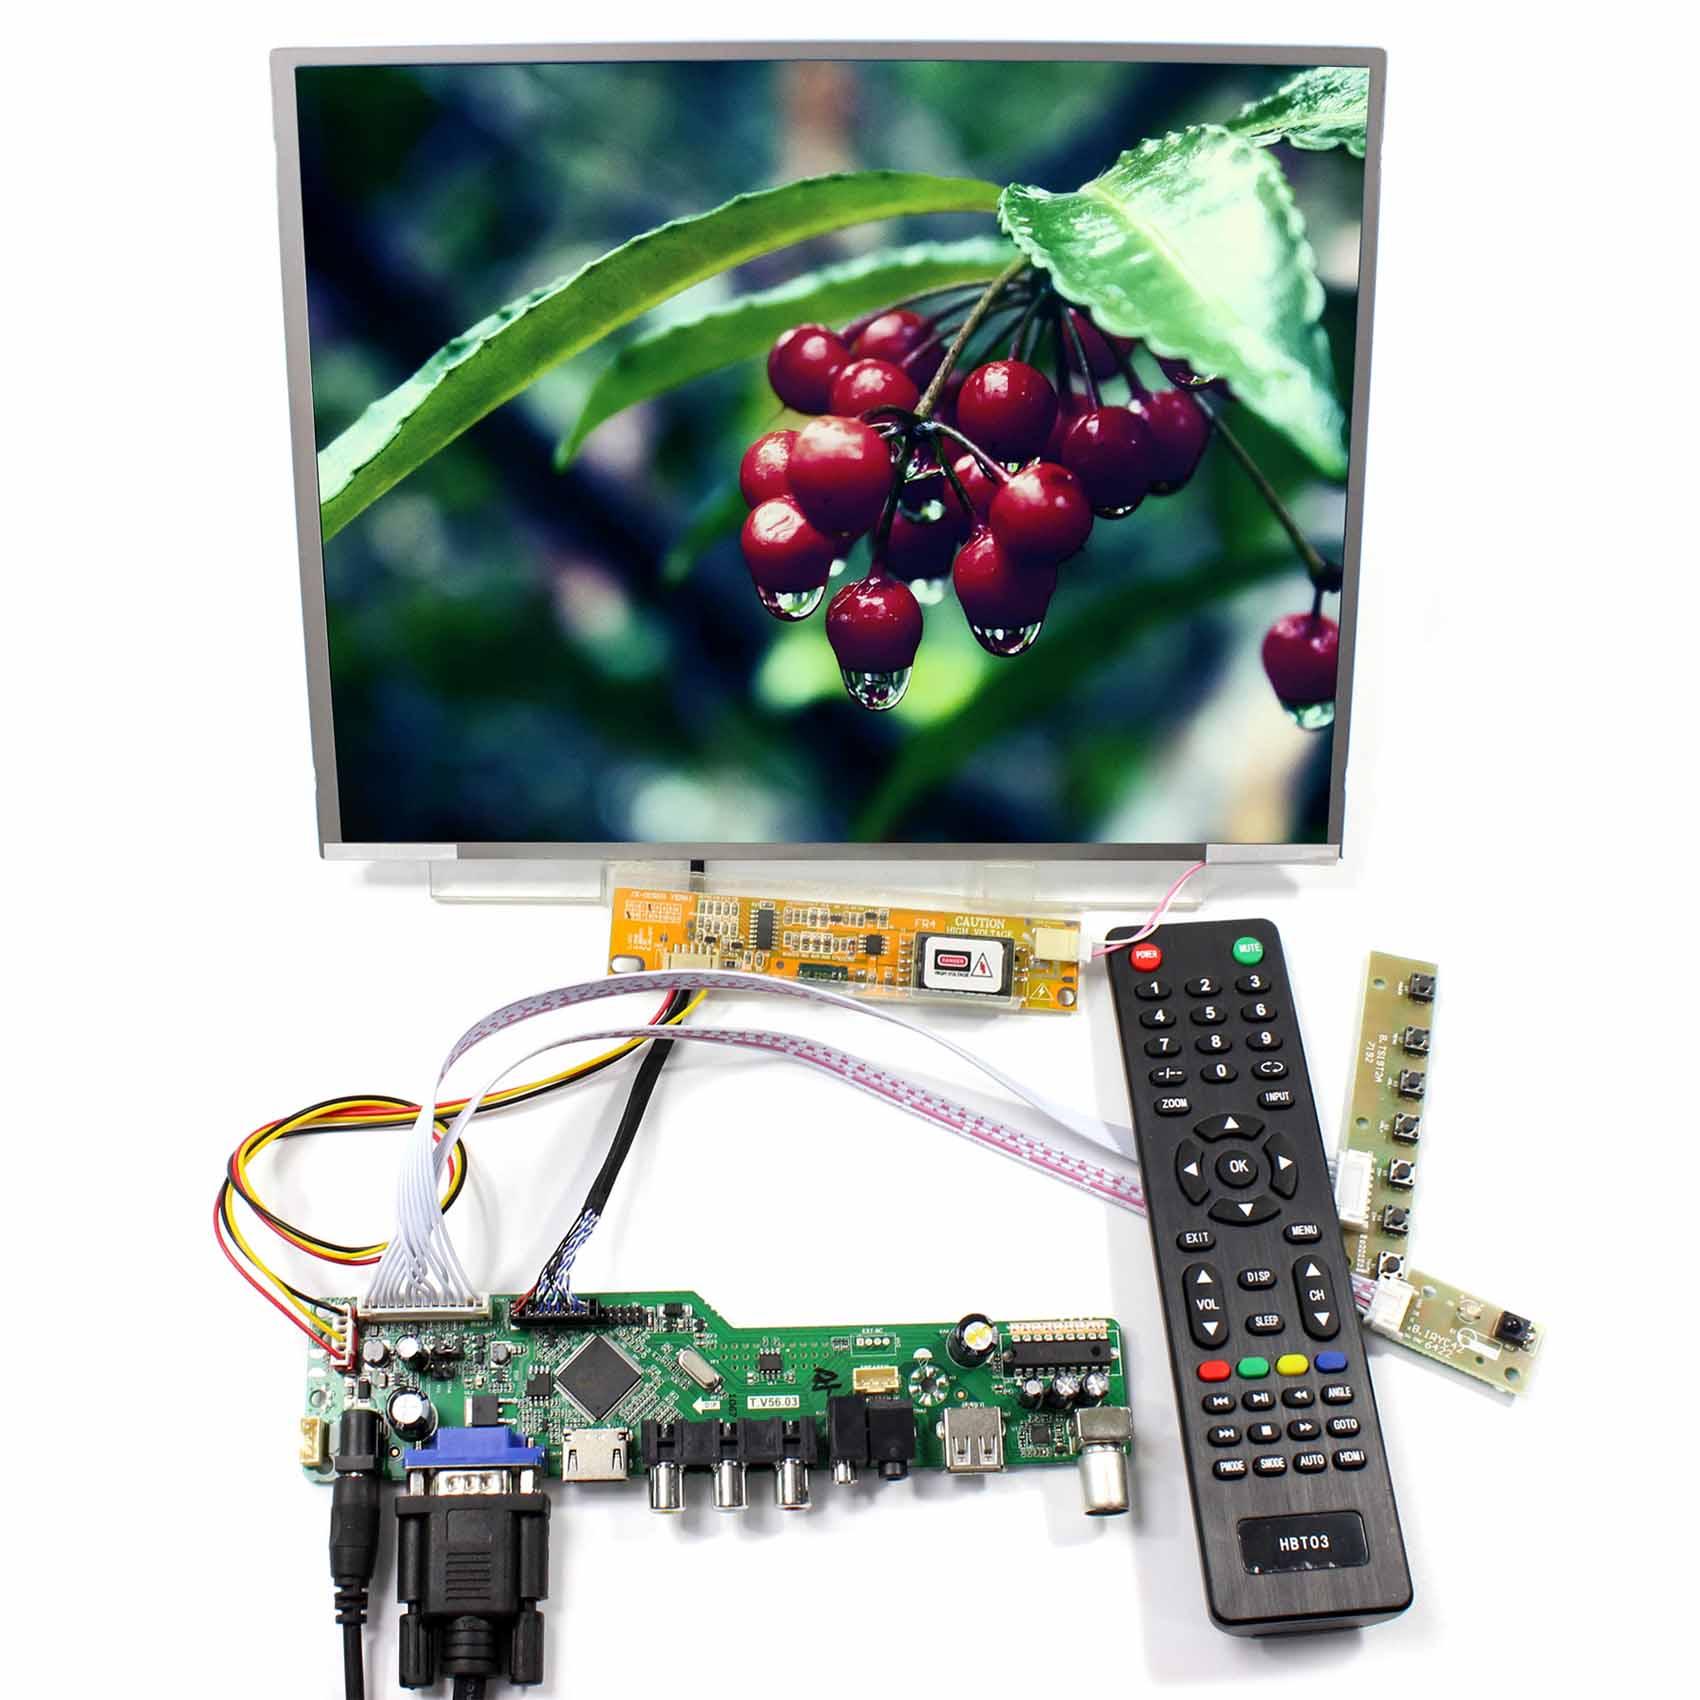 все цены на TV HDMI VGA AV USB AUDIO LCD Cotntrol Board 12.1inch LTN121X01 1024x768 LCD онлайн